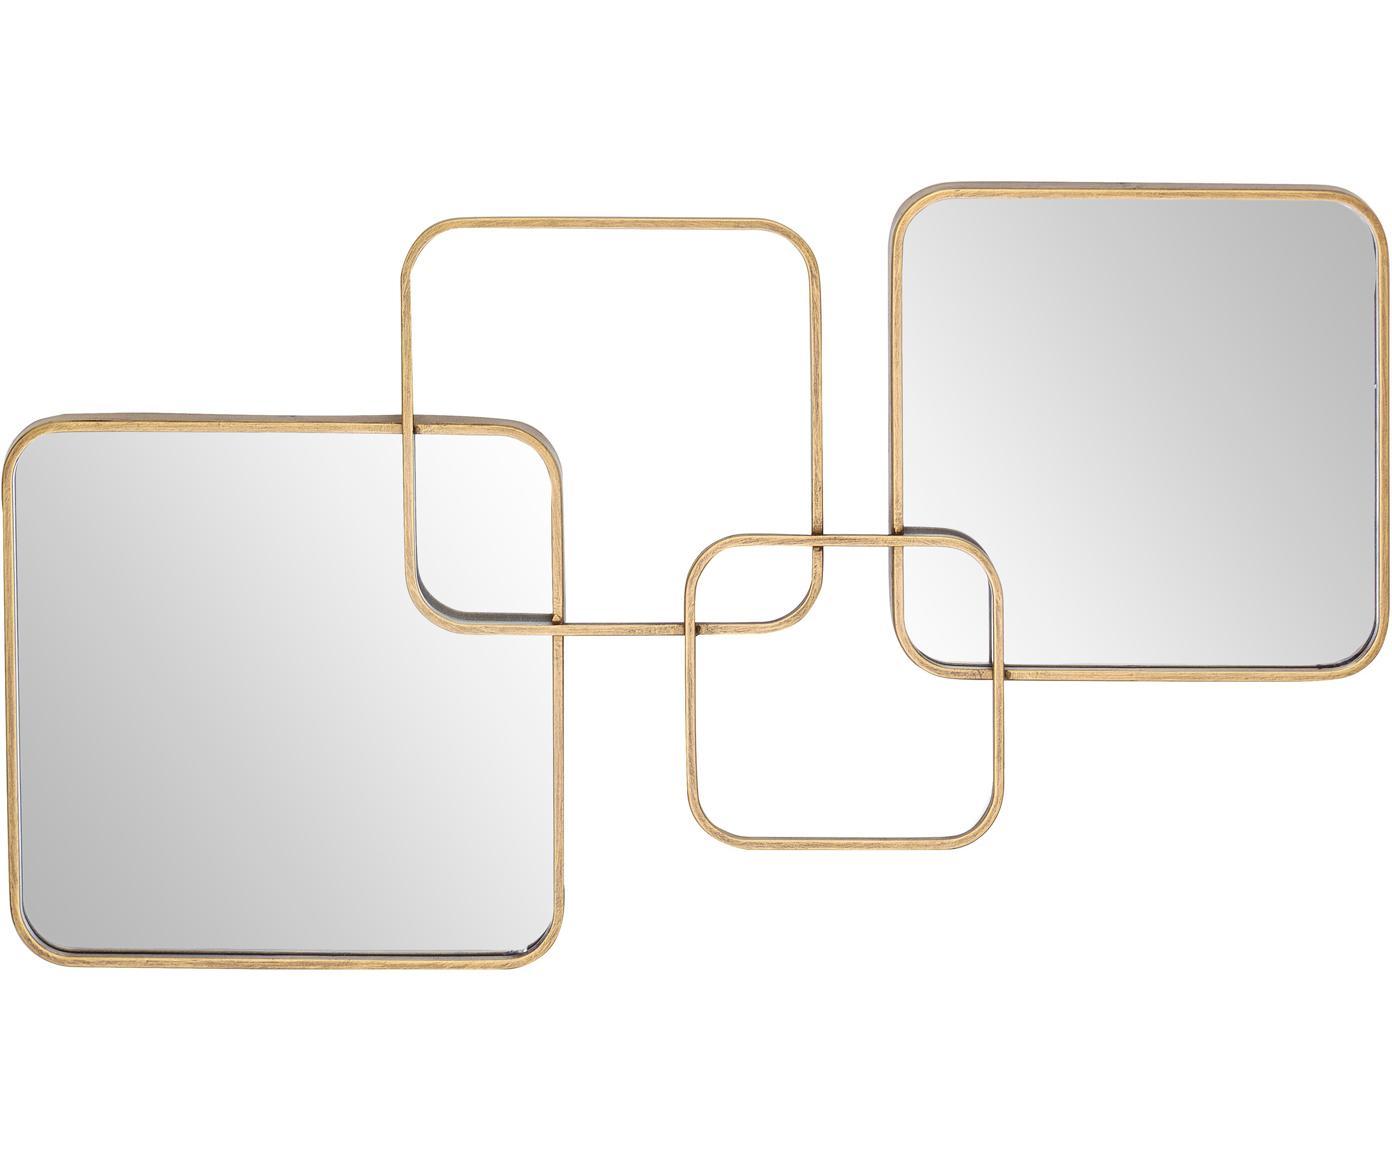 Wandspiegel Oralie mit Metallrahmen, Rahmen: Metall, beschichtet, Spiegelfläche: Spiegelglas, Messingfarben, 70 x 40 cm